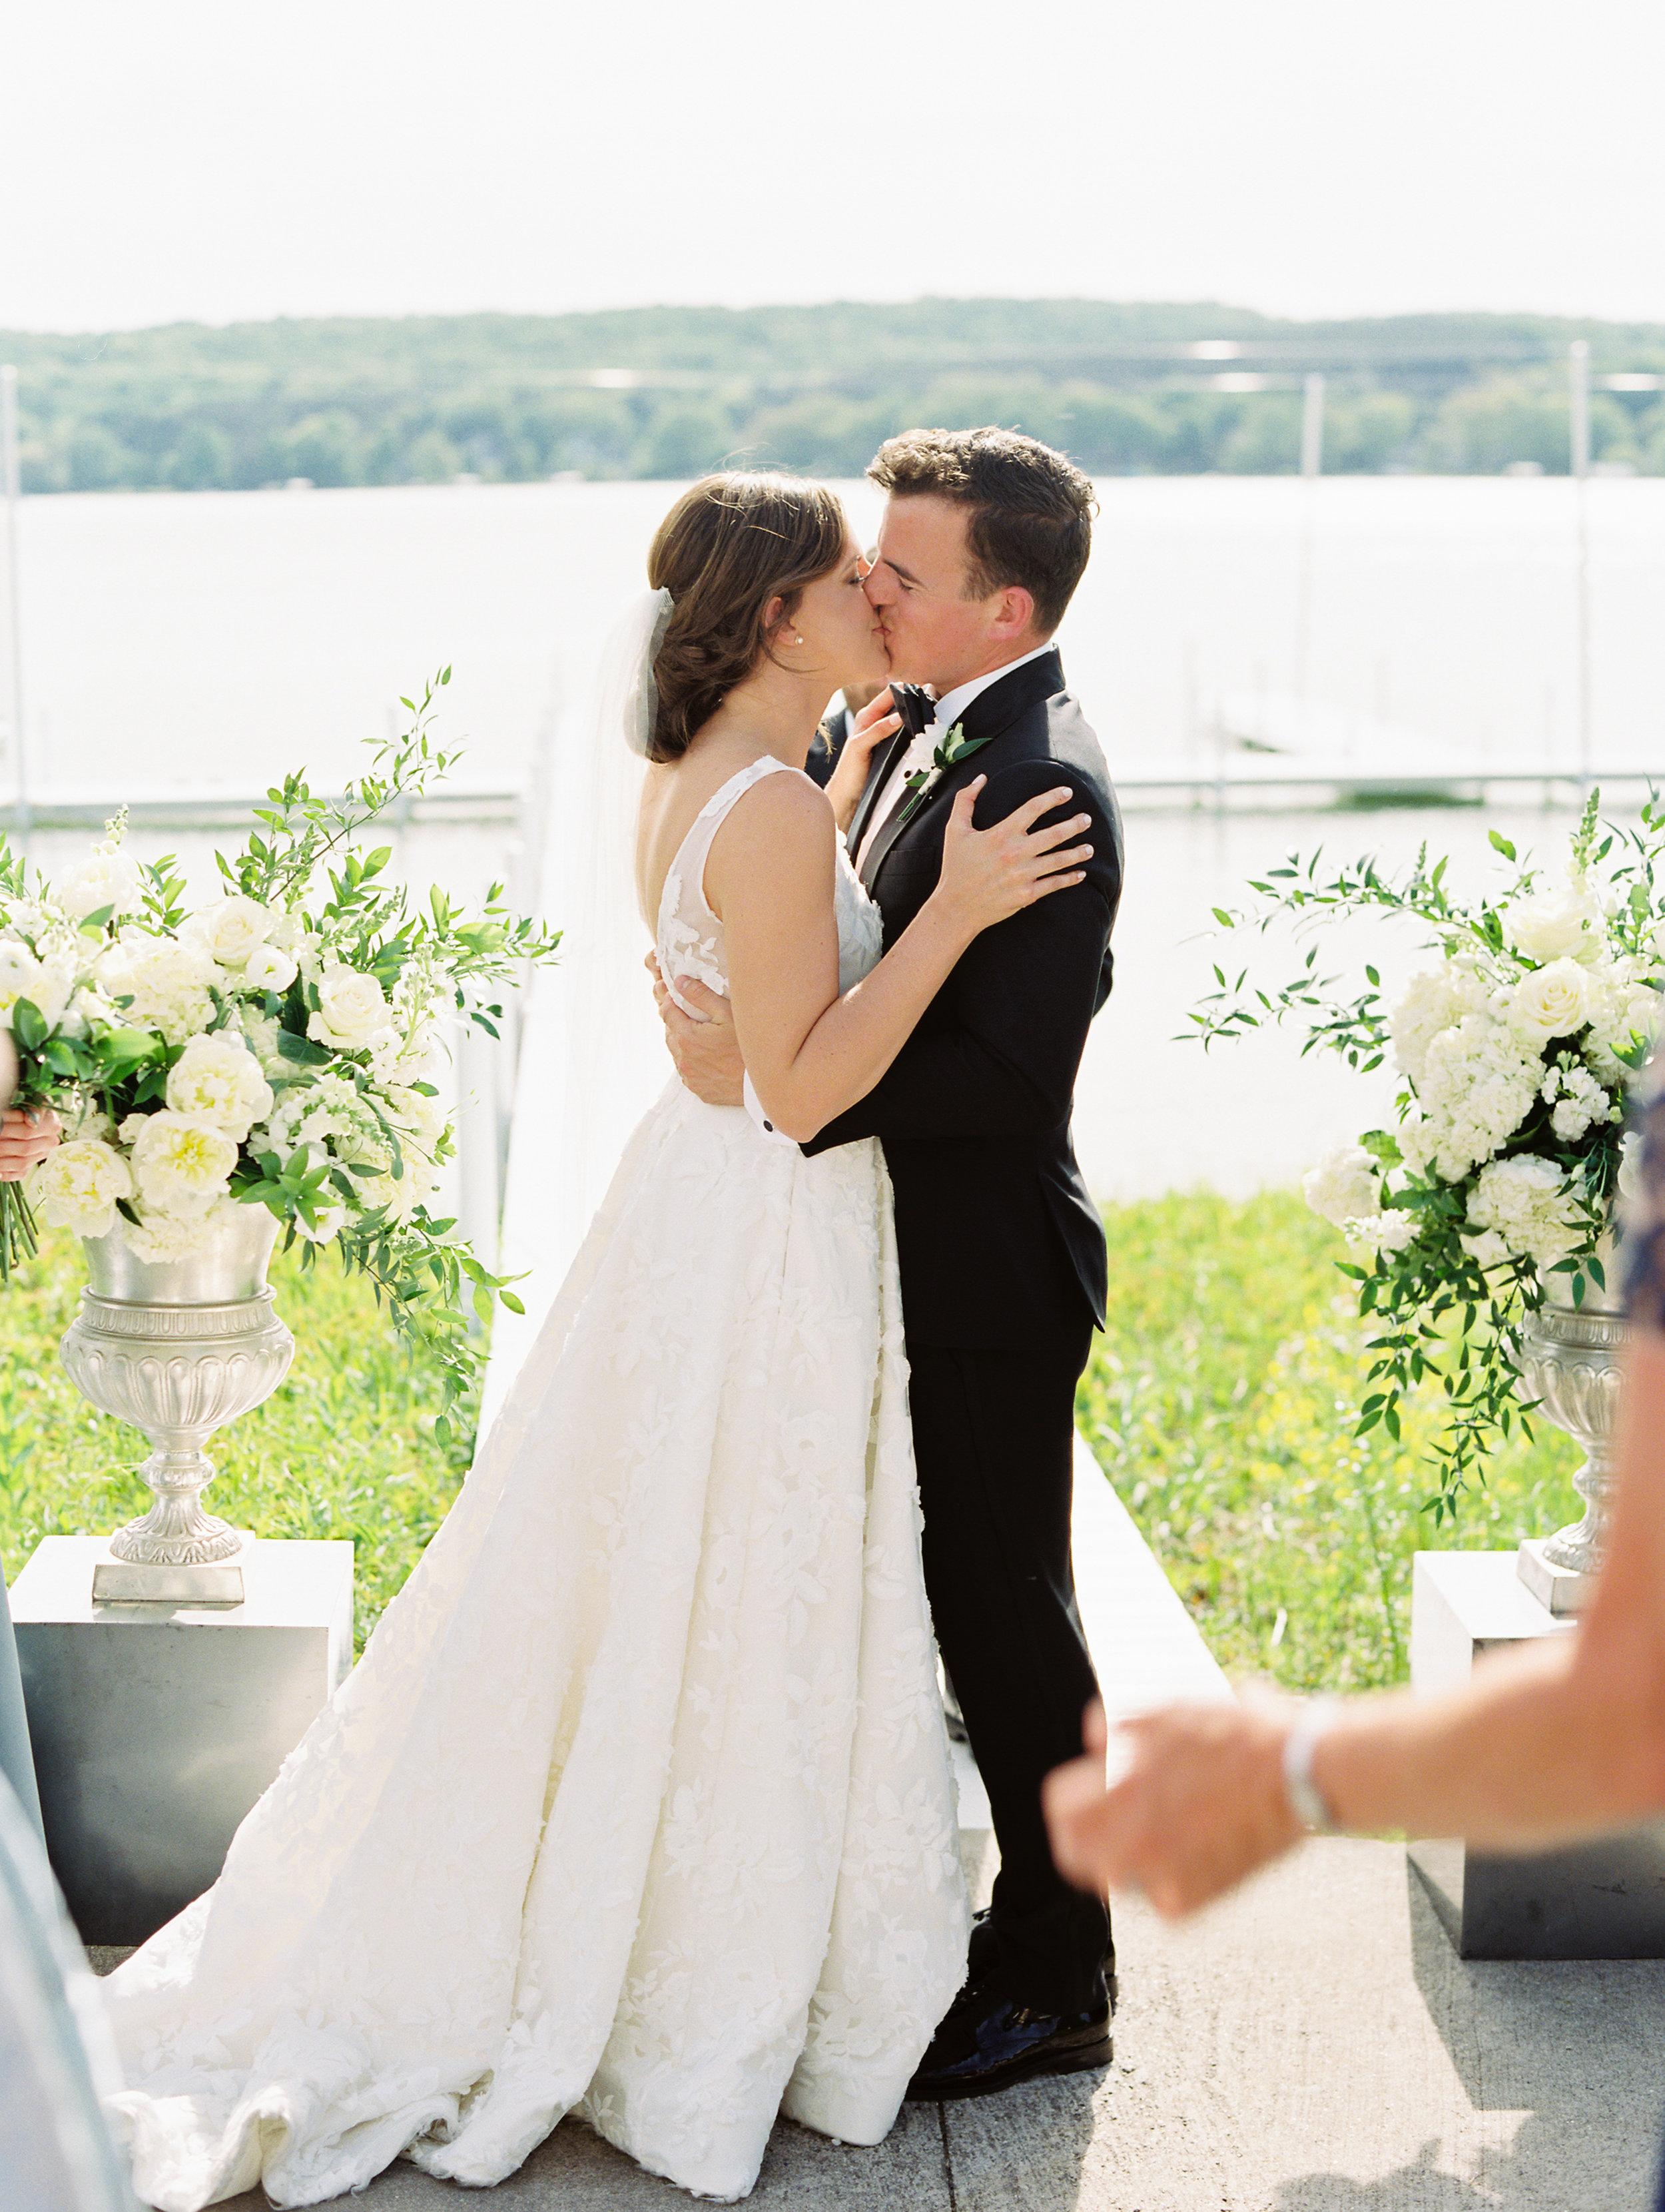 DeGuilio+Wedding+Ceremonyf-24.jpg